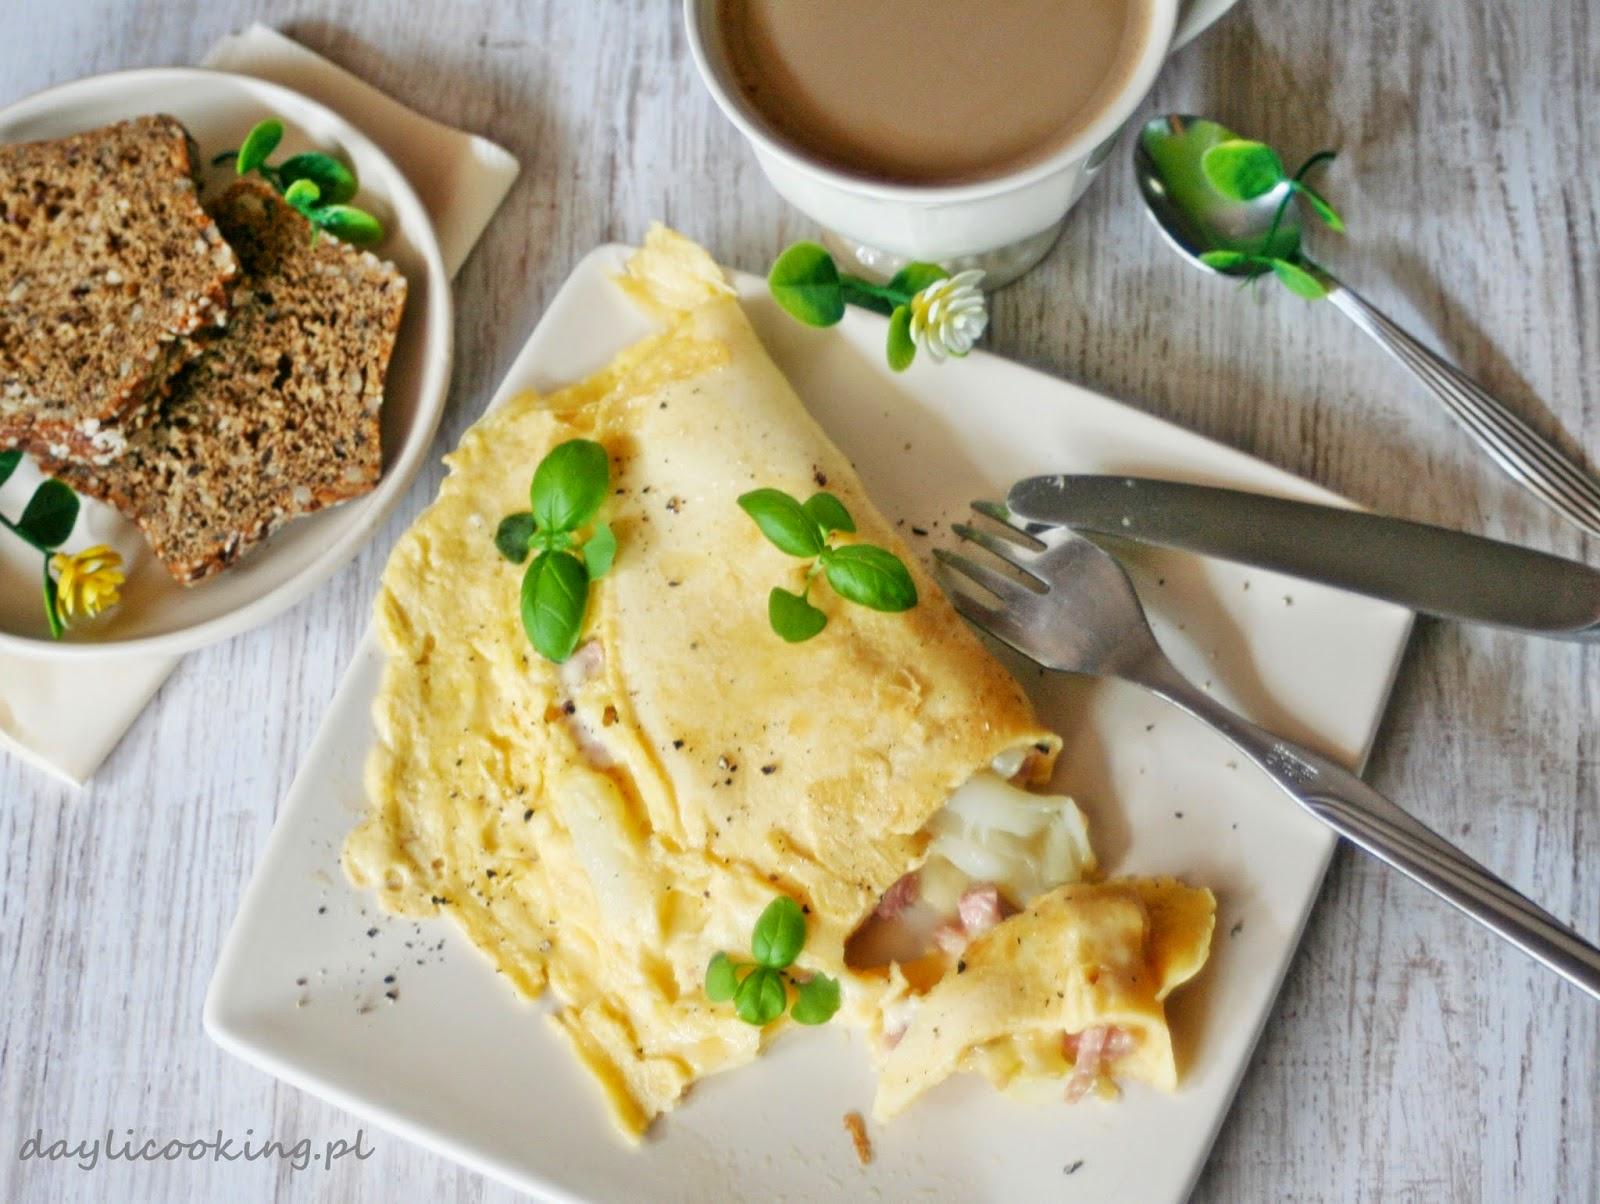 Omlet ze szparagami, szynką i serem